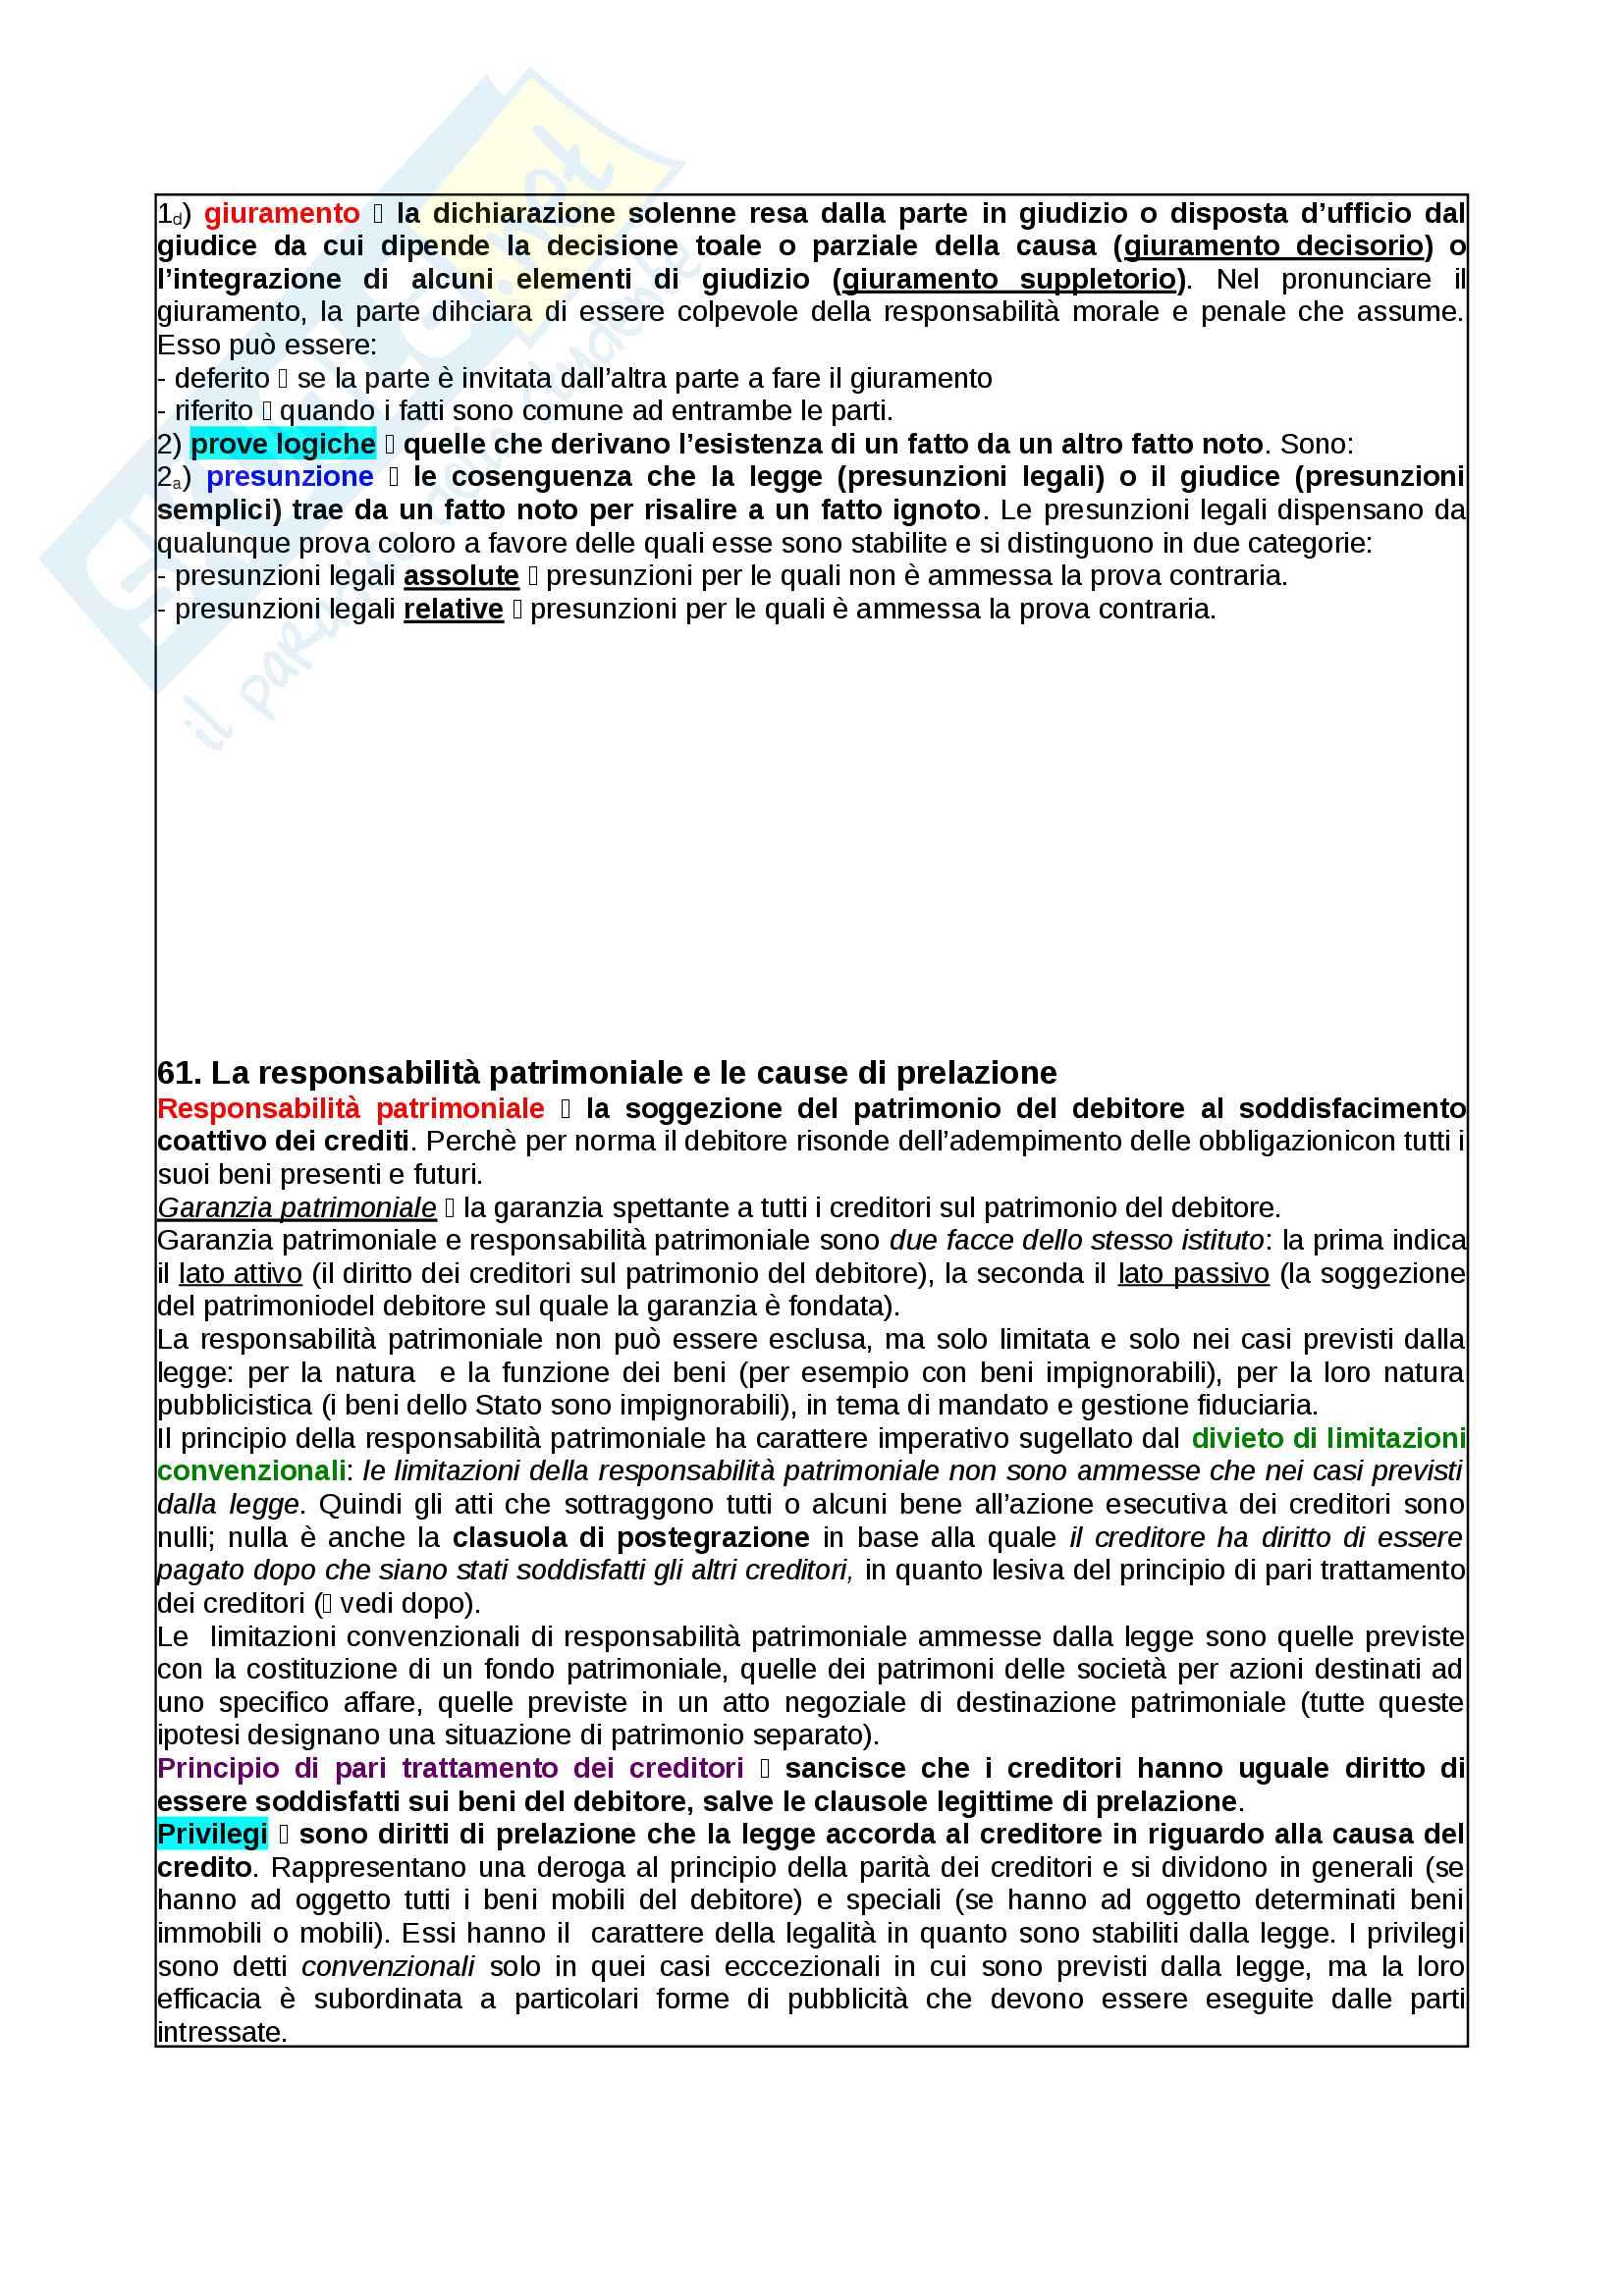 Appunti Diritto Privato Pag. 61